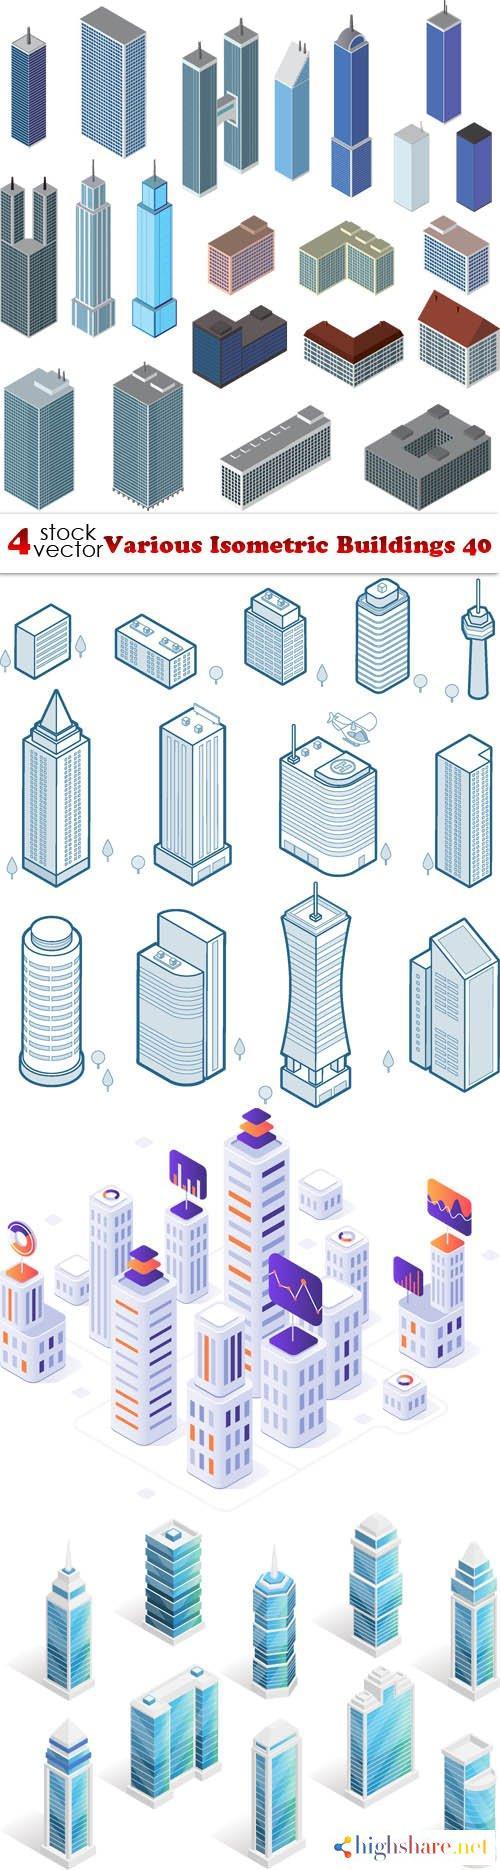 vectors various isometric buildings 40 5f3fe7d6a6bec - Vectors - Various Isometric Buildings 40